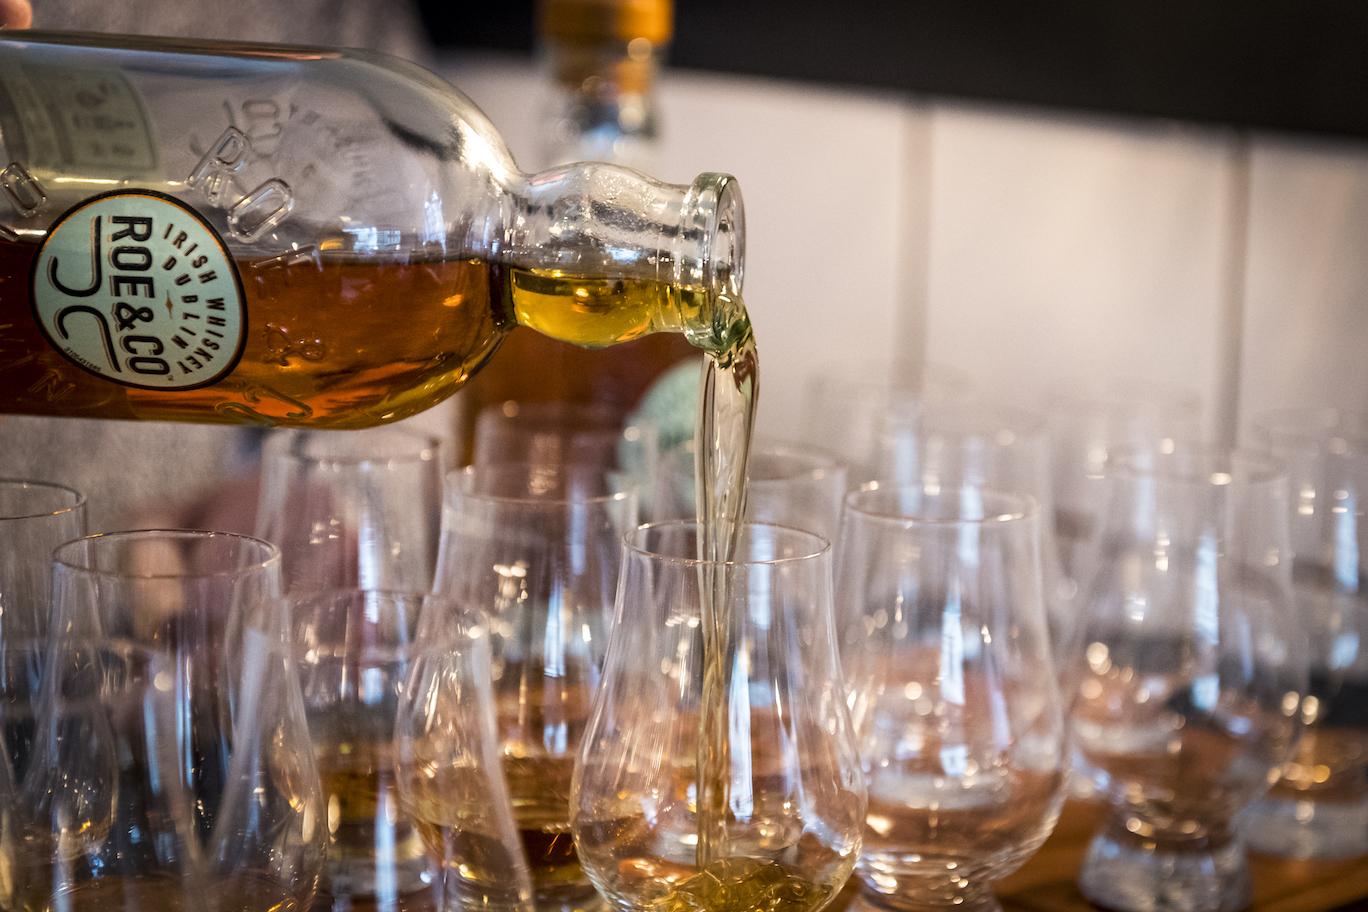 Roe & Co. har rigelig dybde og nuancer til at kunne drikkes alene